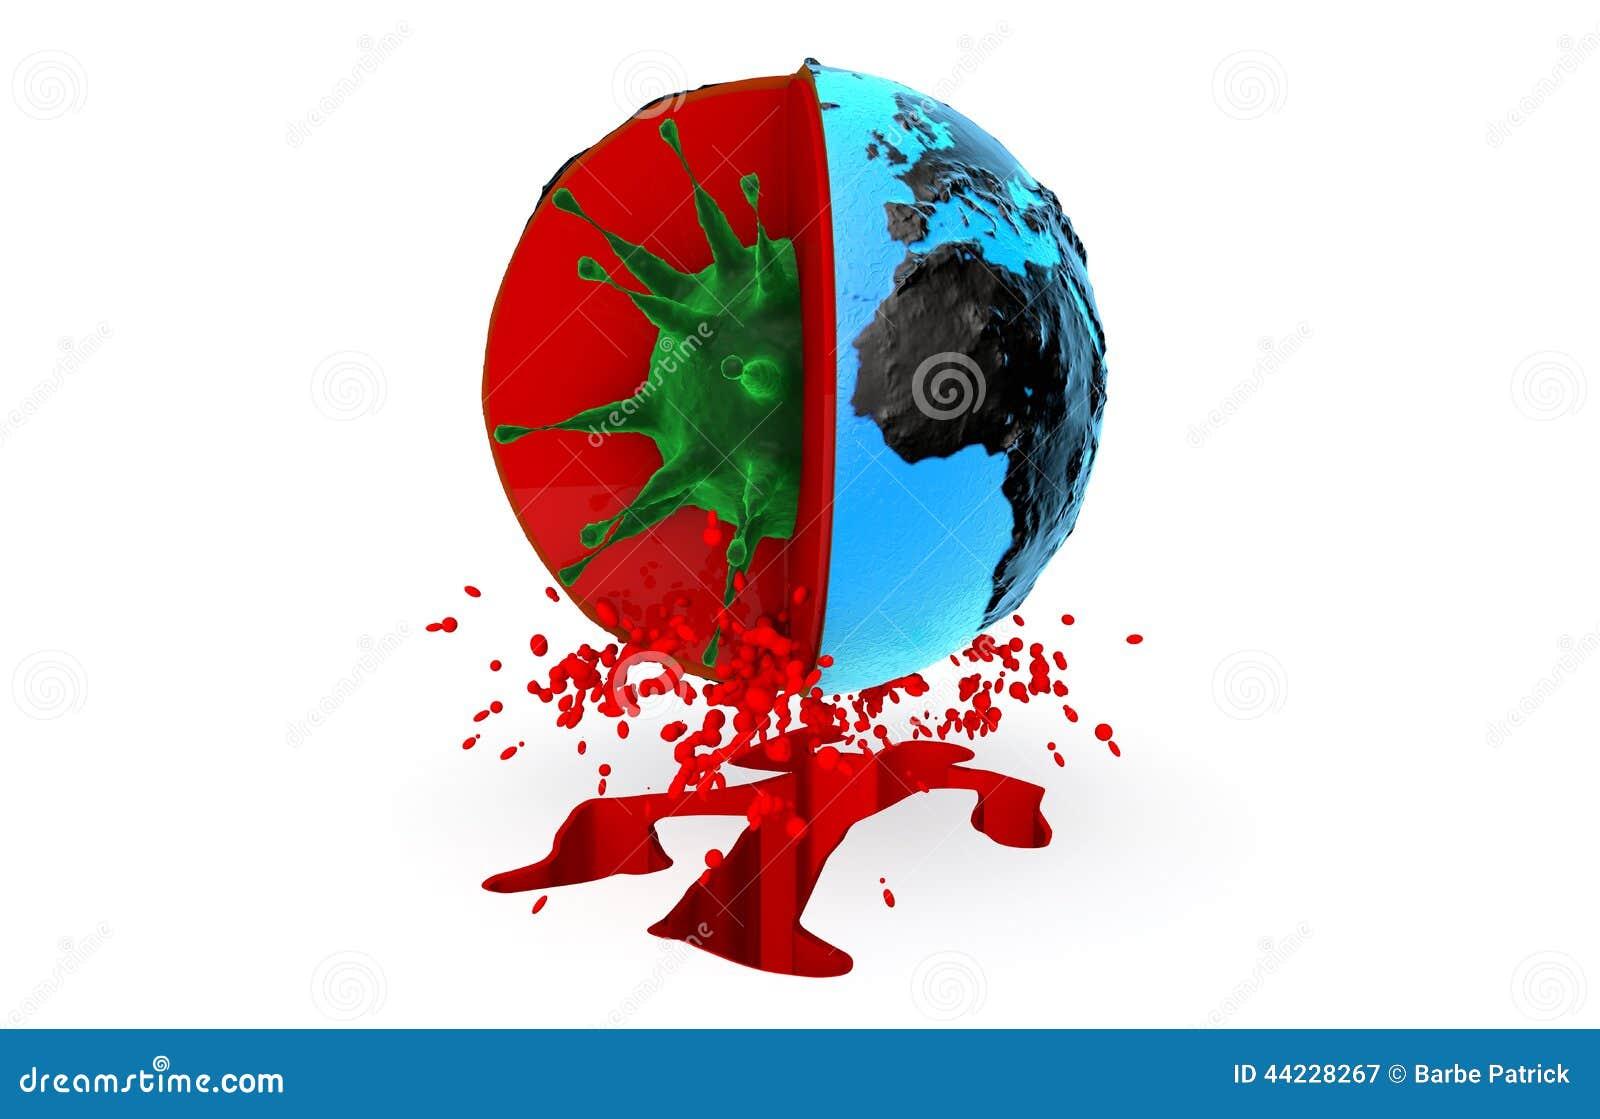 Health, pandemic, virus, ebola